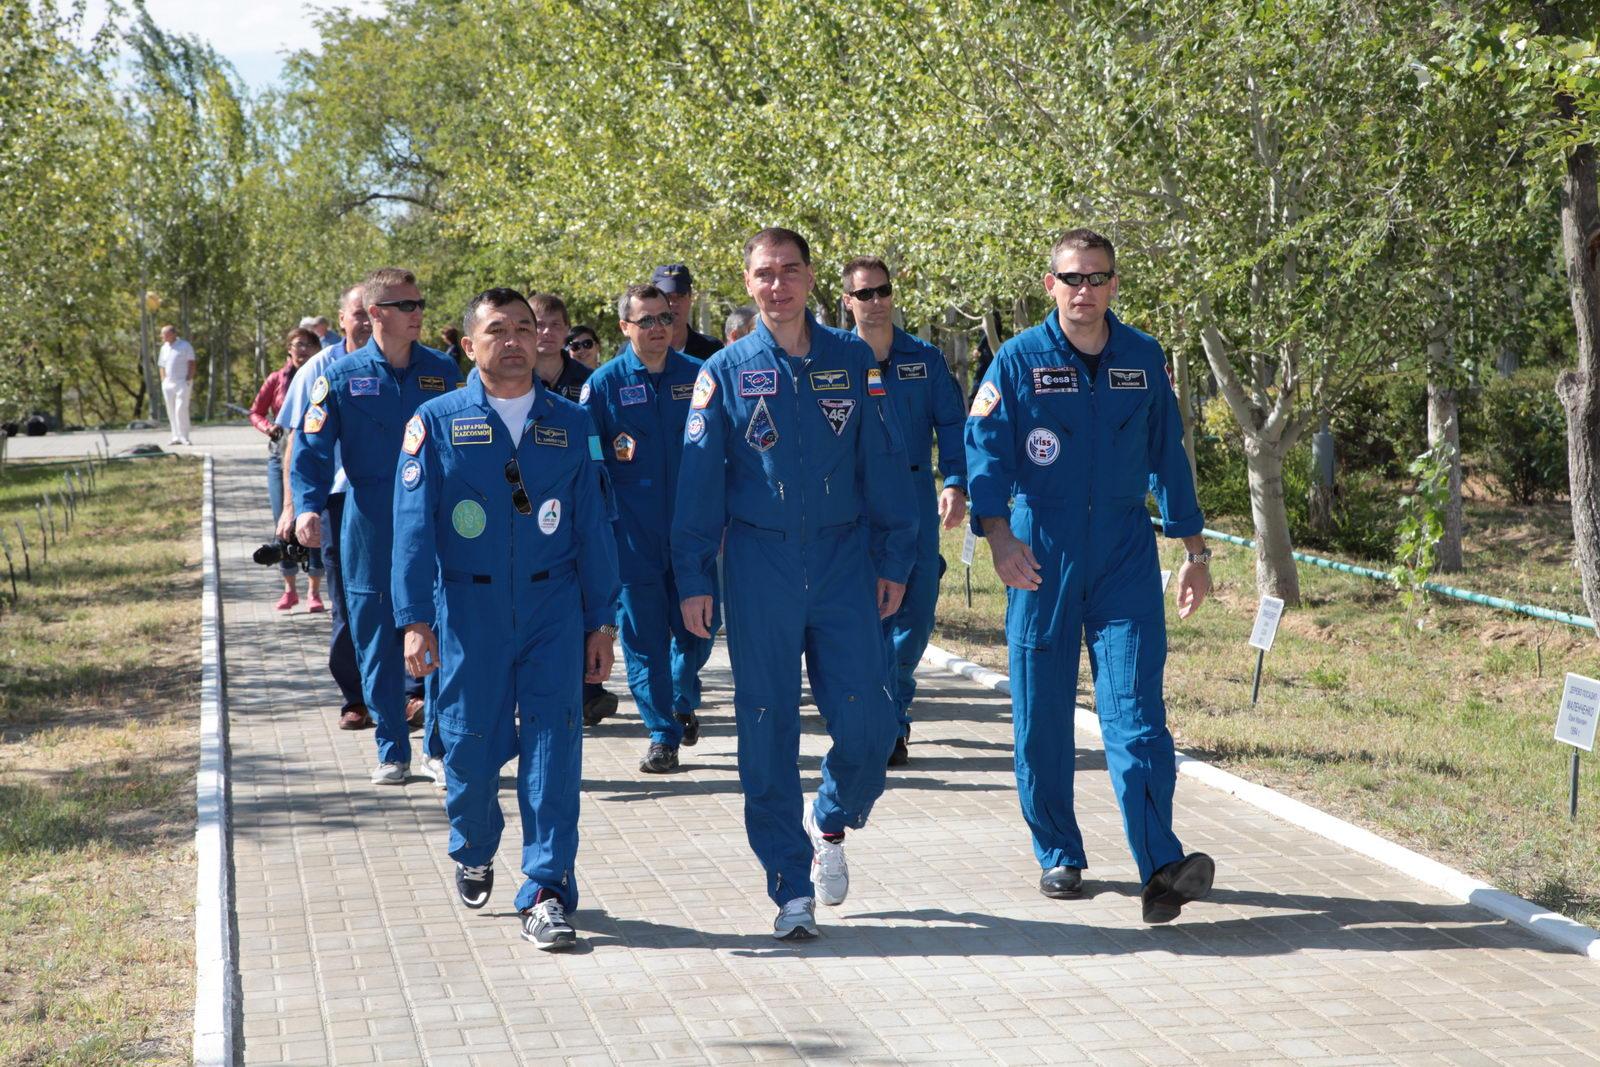 Lancement et retour sur terre de Soyouz TMA-18M  - Page 5 2052134822